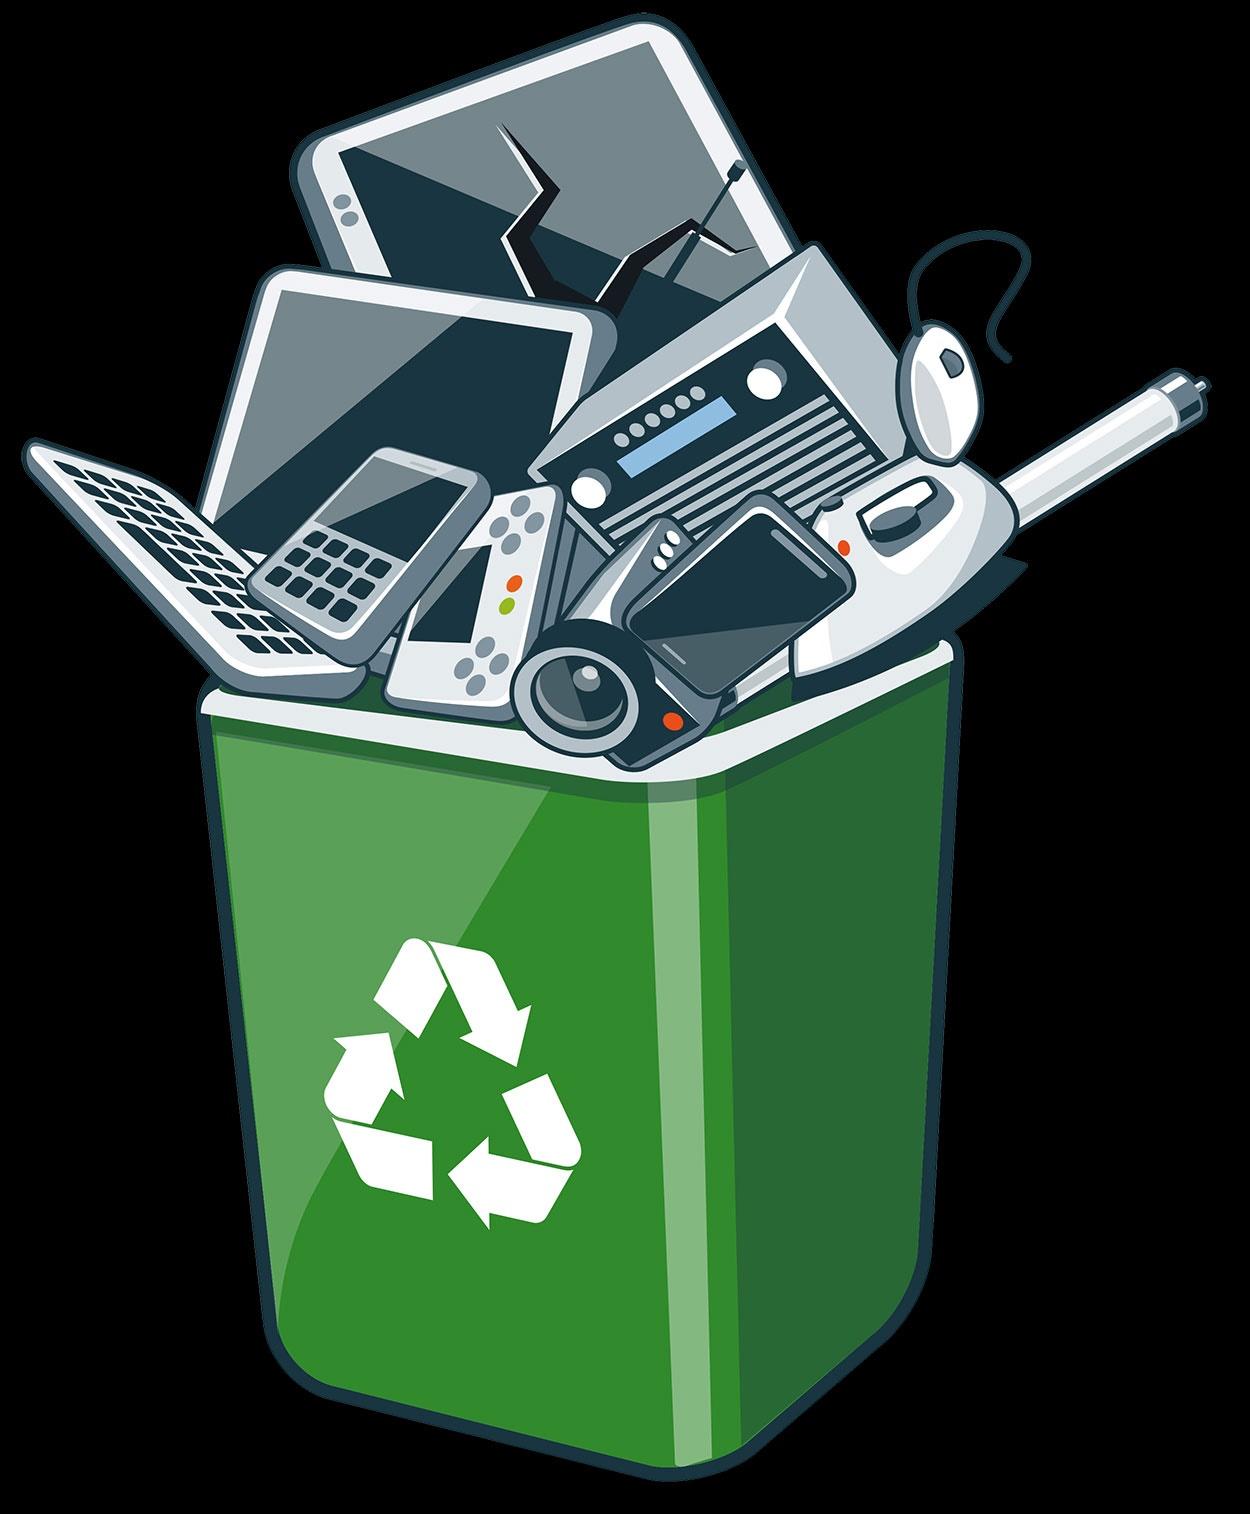 خرید پسماندهای الکترونیکی از شهروندان در غرفههای بازیافت